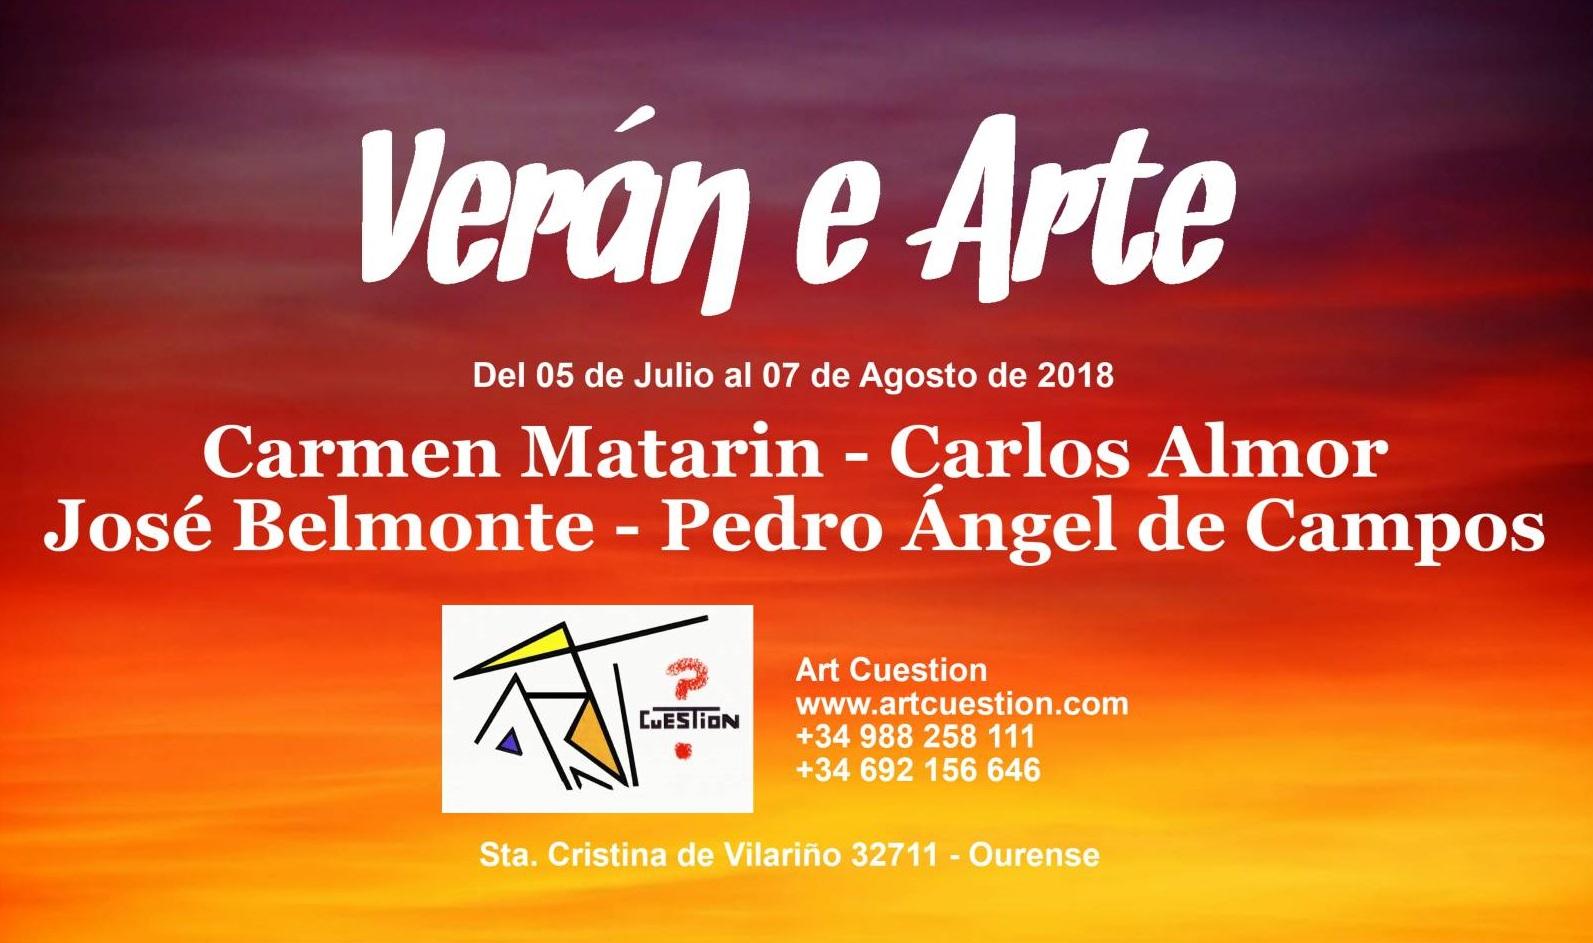 Exposición Julio - Agosto 2018 Ourense : Verán e Arte